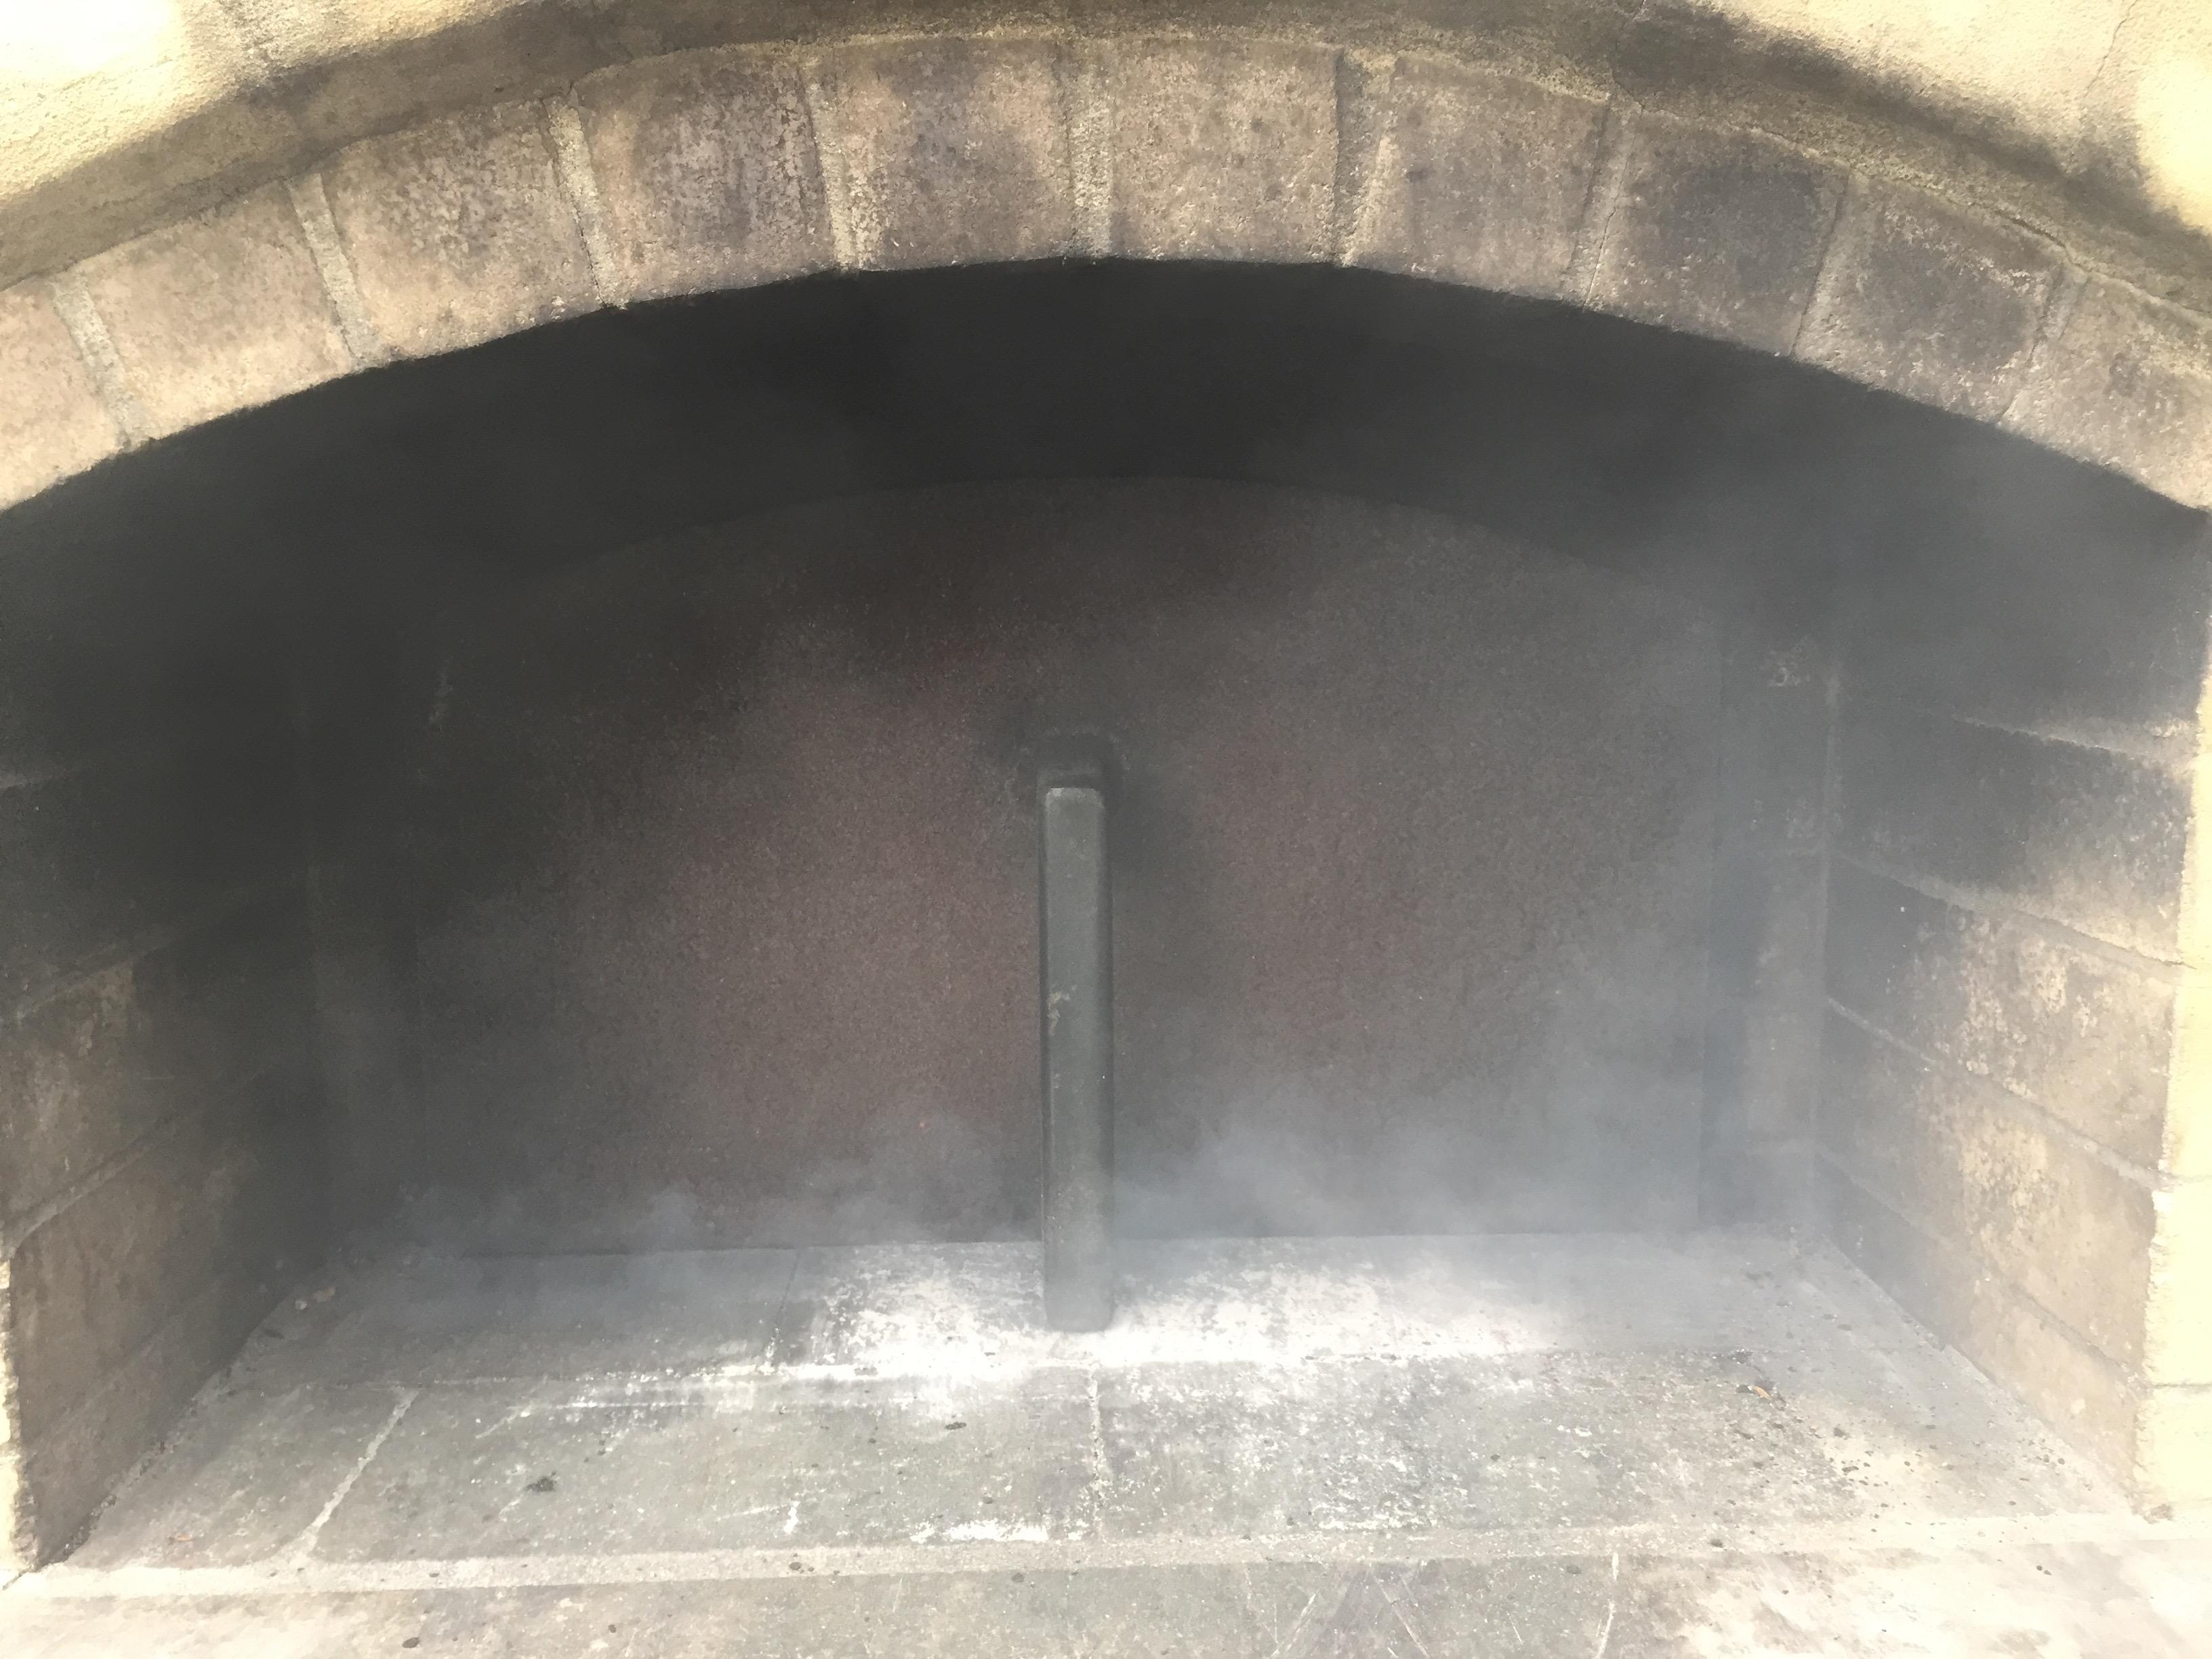 Gentil Oven Door Create Smoke IMG_6225